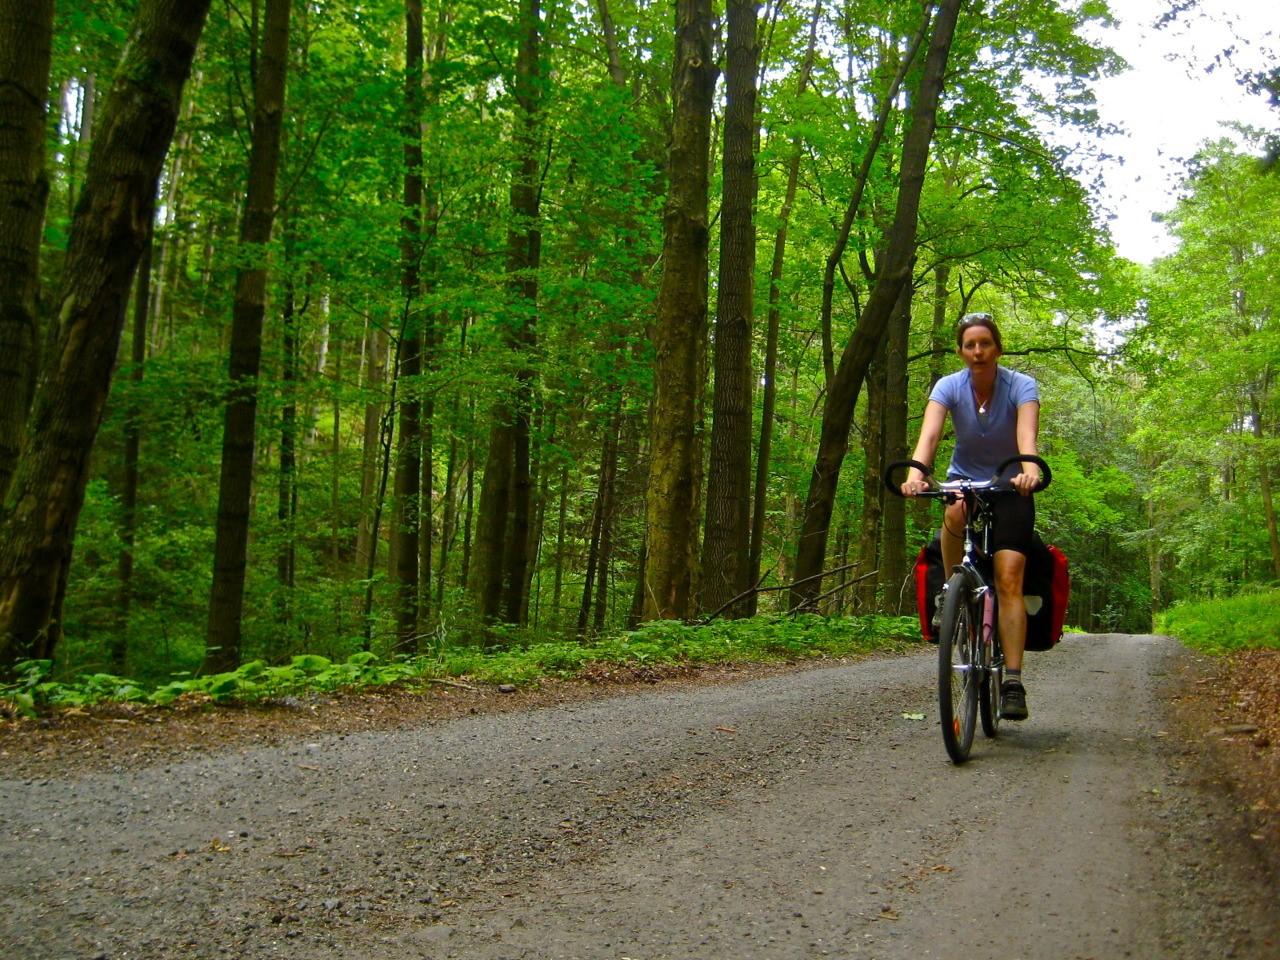 Sử dụng xe đạp hoặc phương tiện công cộng khi đi du lịch. Hình: Sưu tầm